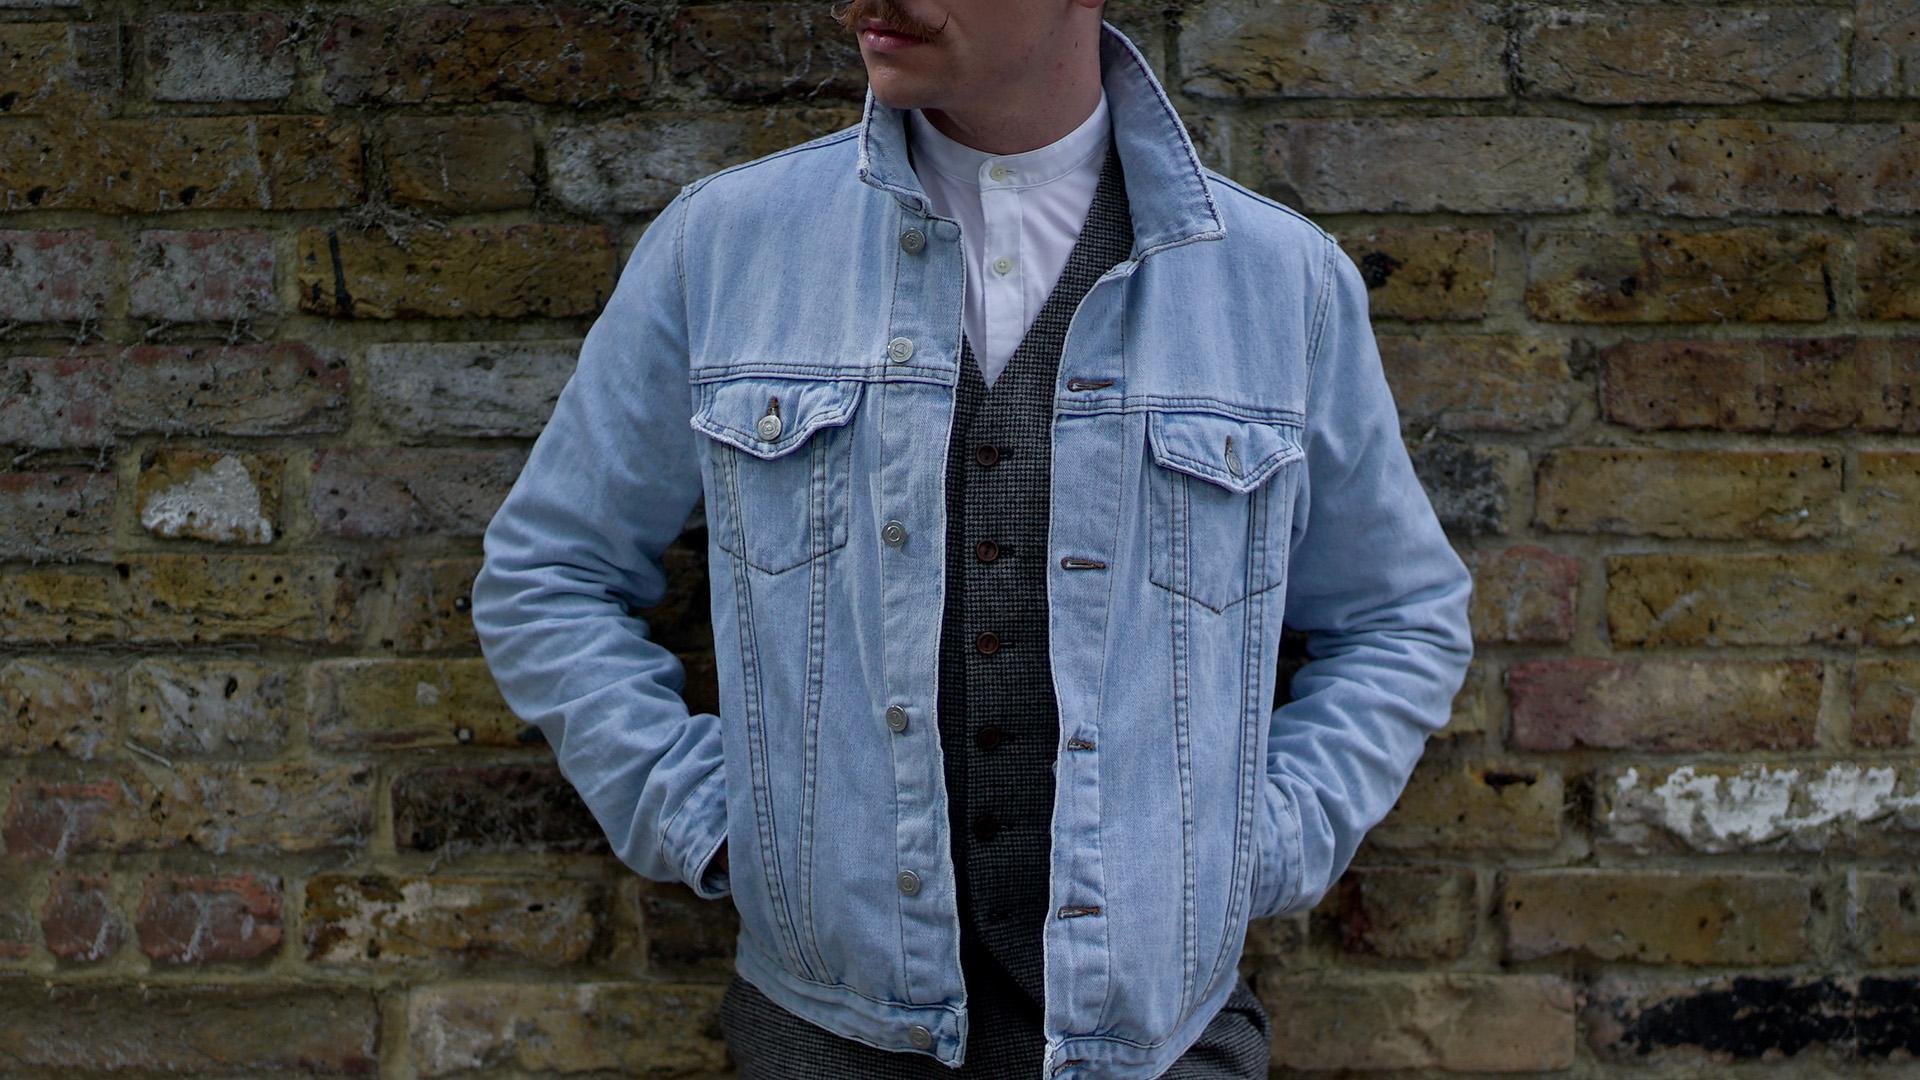 Men's Denim Jackets | Shop The Trend